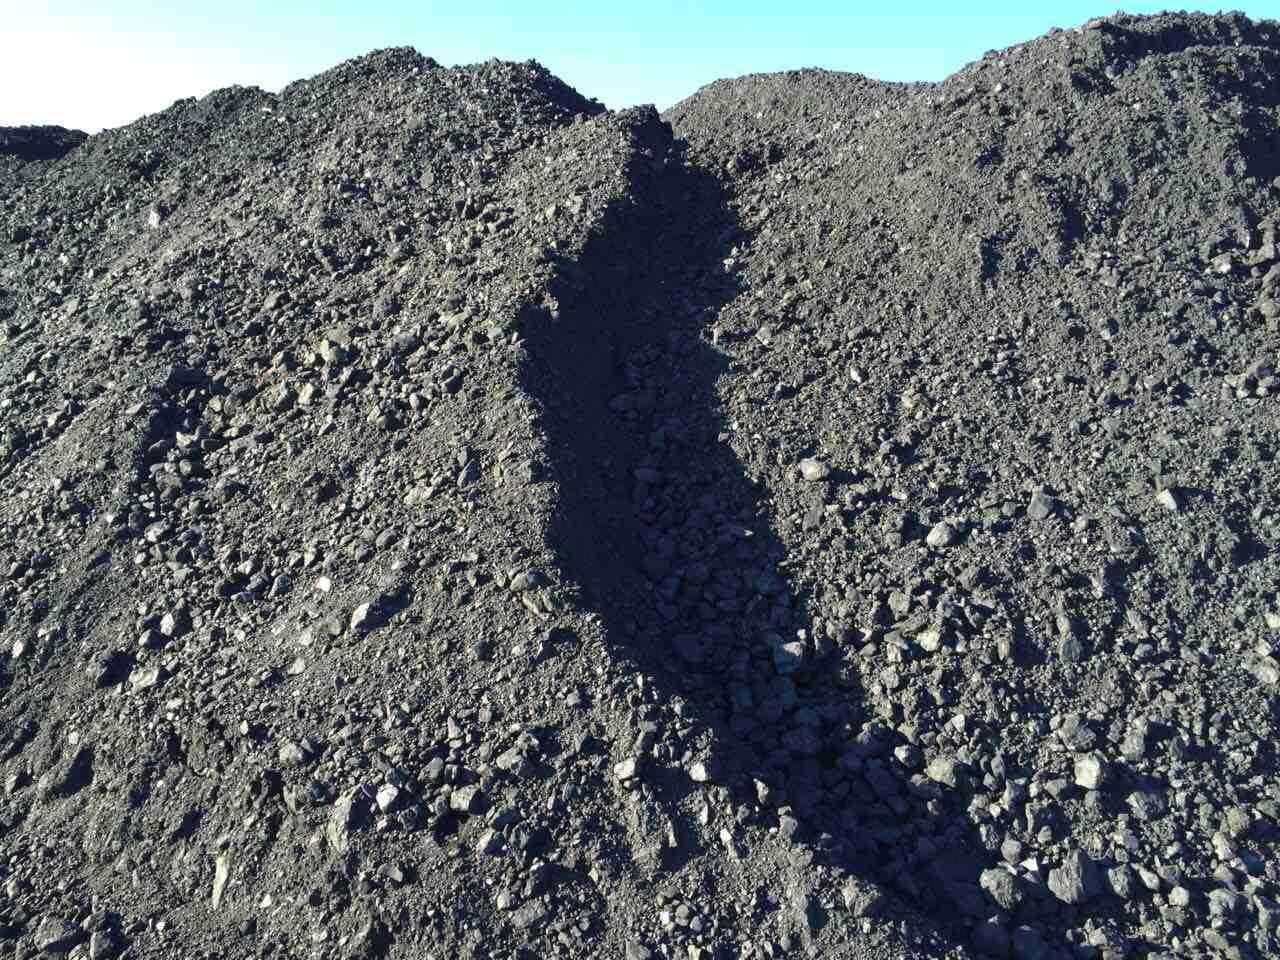 煤炭行业报告:动力煤价格短期波动 估值仍在提升